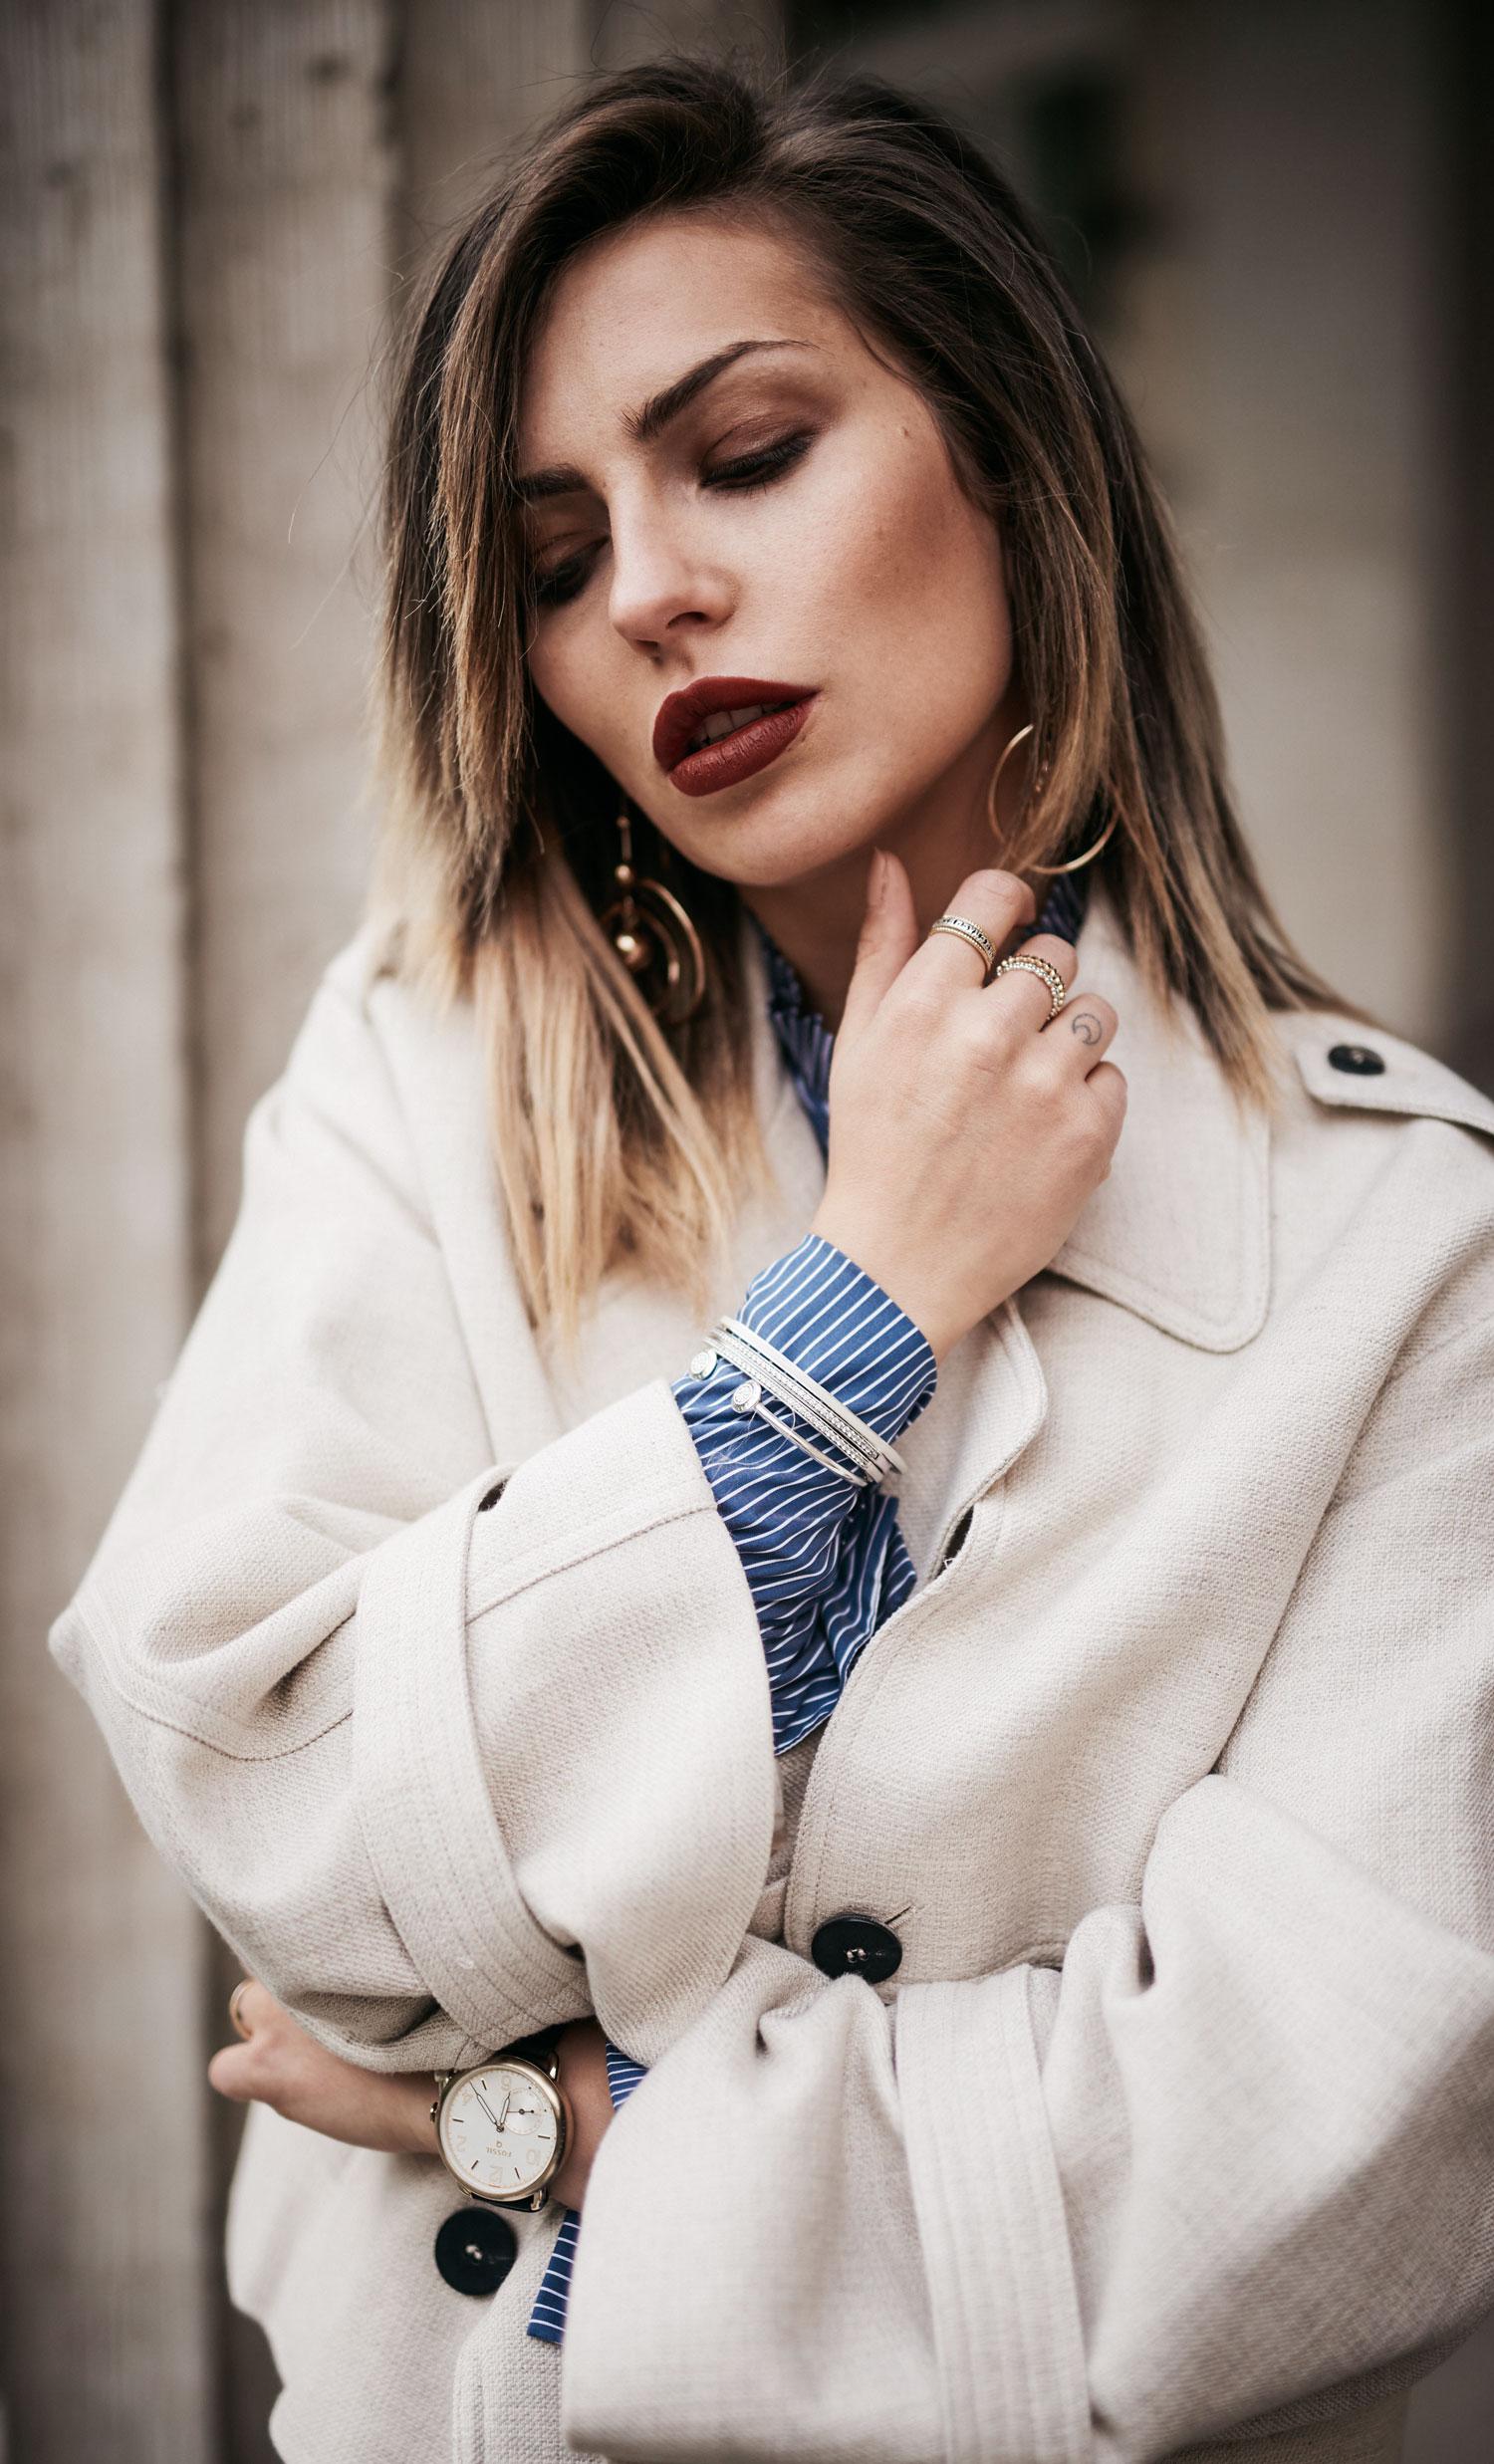 Маша Седжвик, Берлин, Покупки Онлайн, как купить, Bezahlen, Klarna, как носить рубашку с большими рукавами